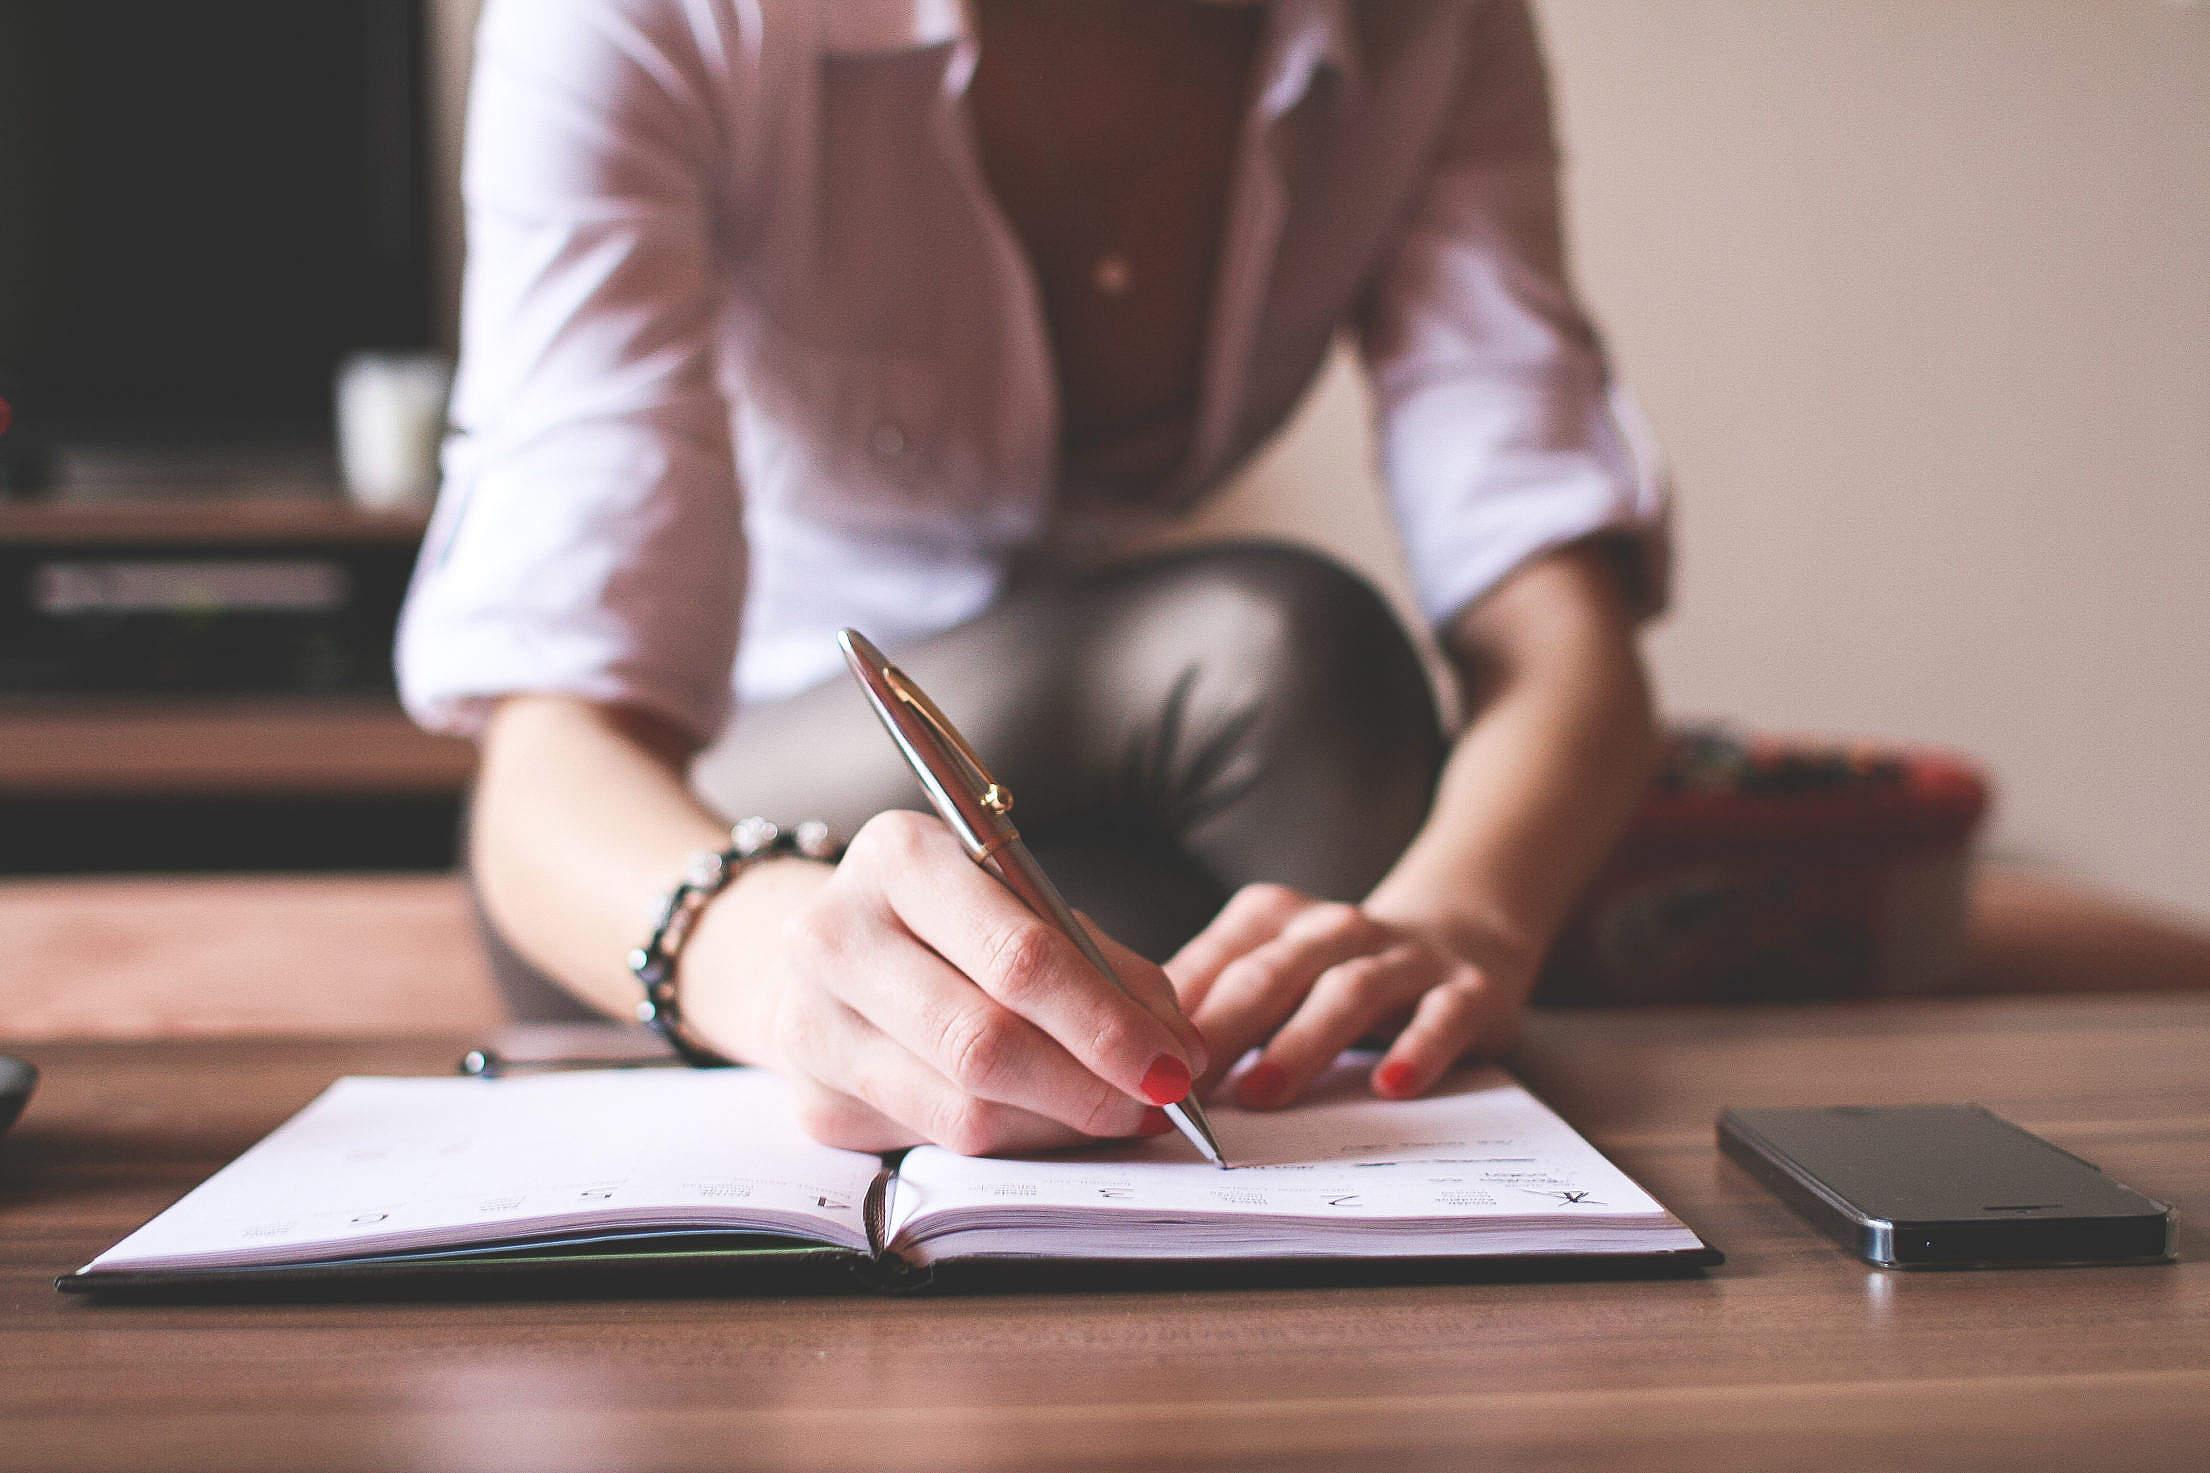 girl-writing-in-a-diary_free_stock_photos_picjumbo_img_6037-2210x1473.jpg